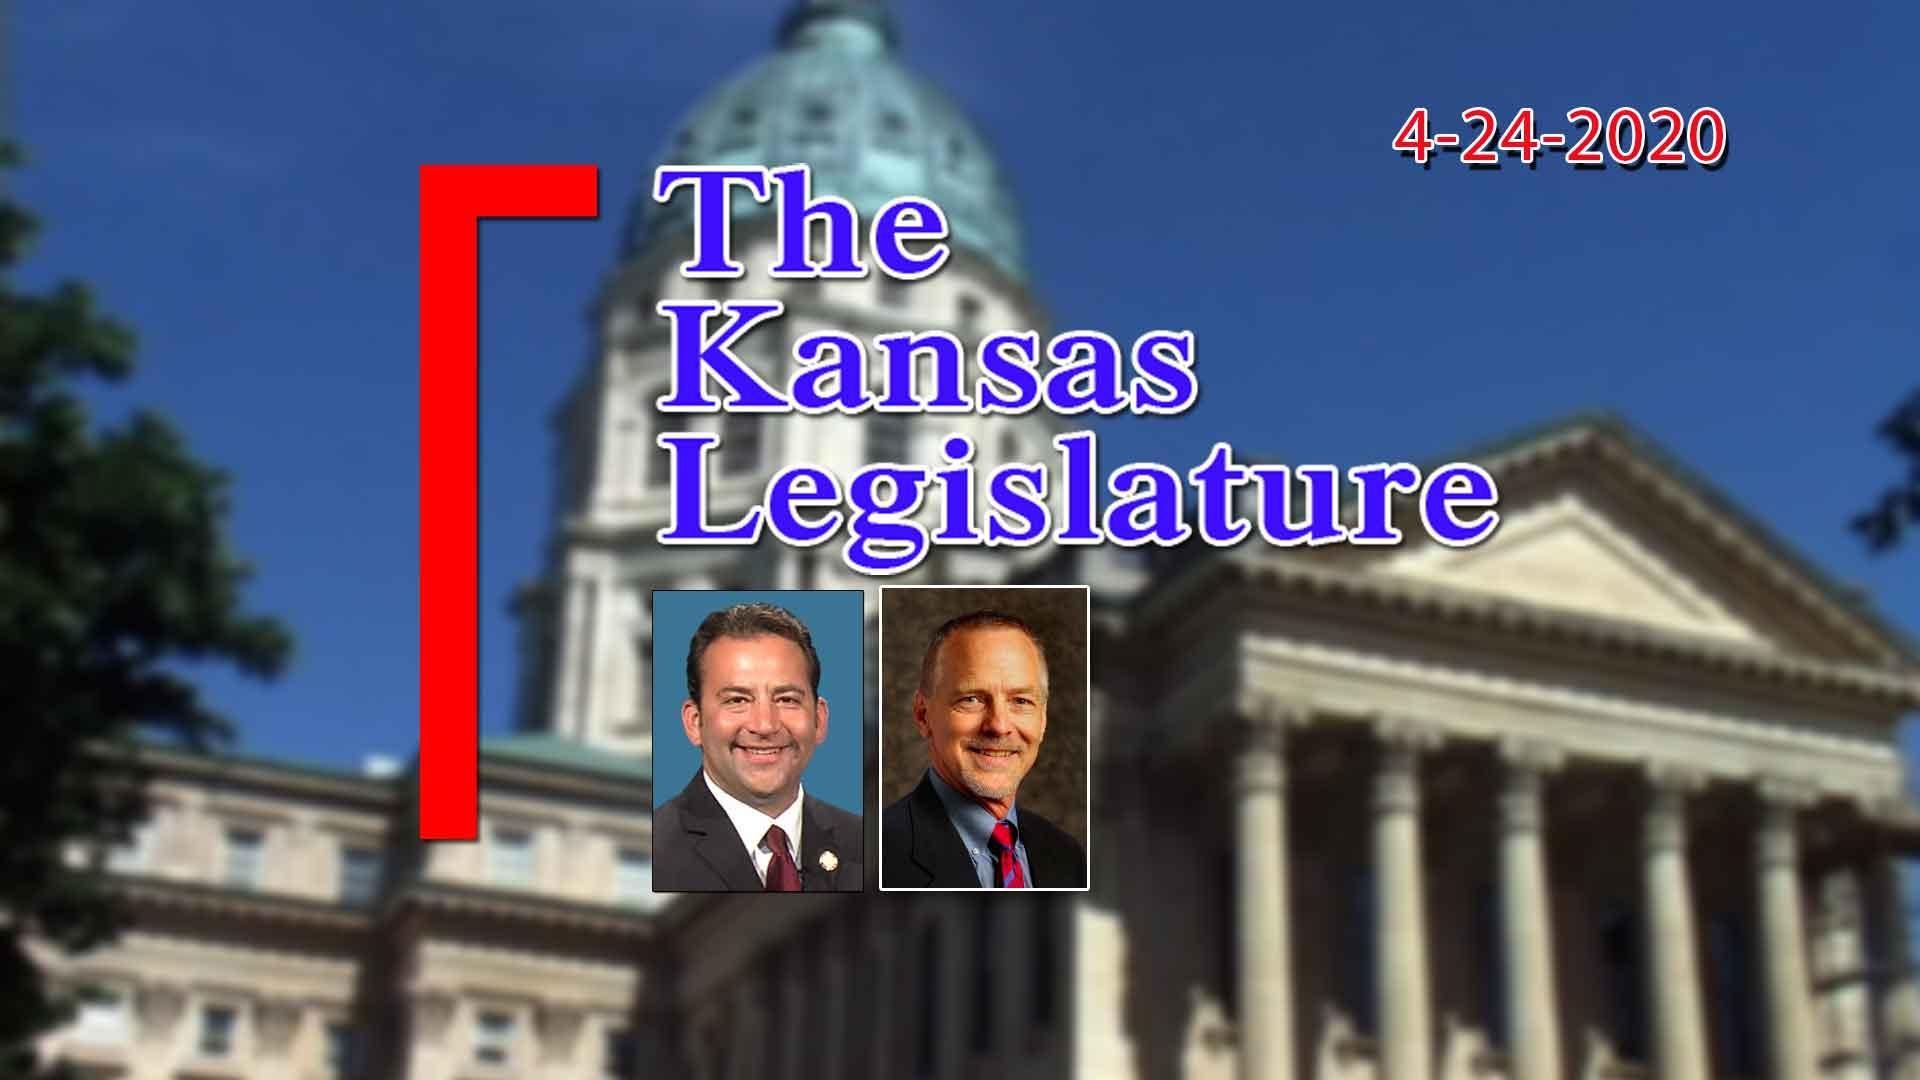 The Kansas Legislature April 24, 2020